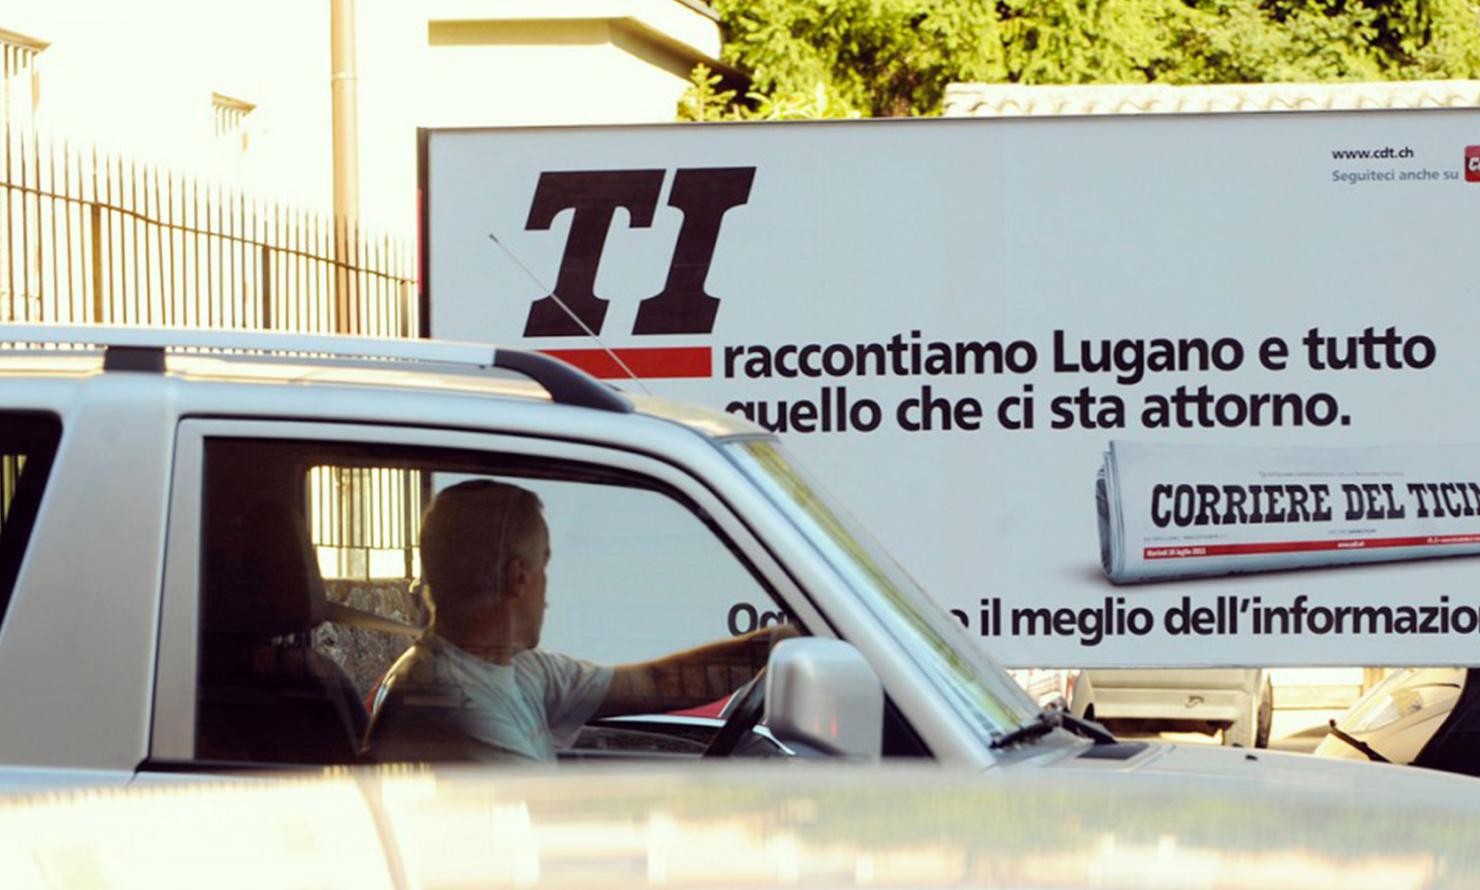 https://kubelibre.com/uploads/Slider-work-tutti-clienti/corriere-del-ticino-portiamo-dentro-la-notizia-2.jpg